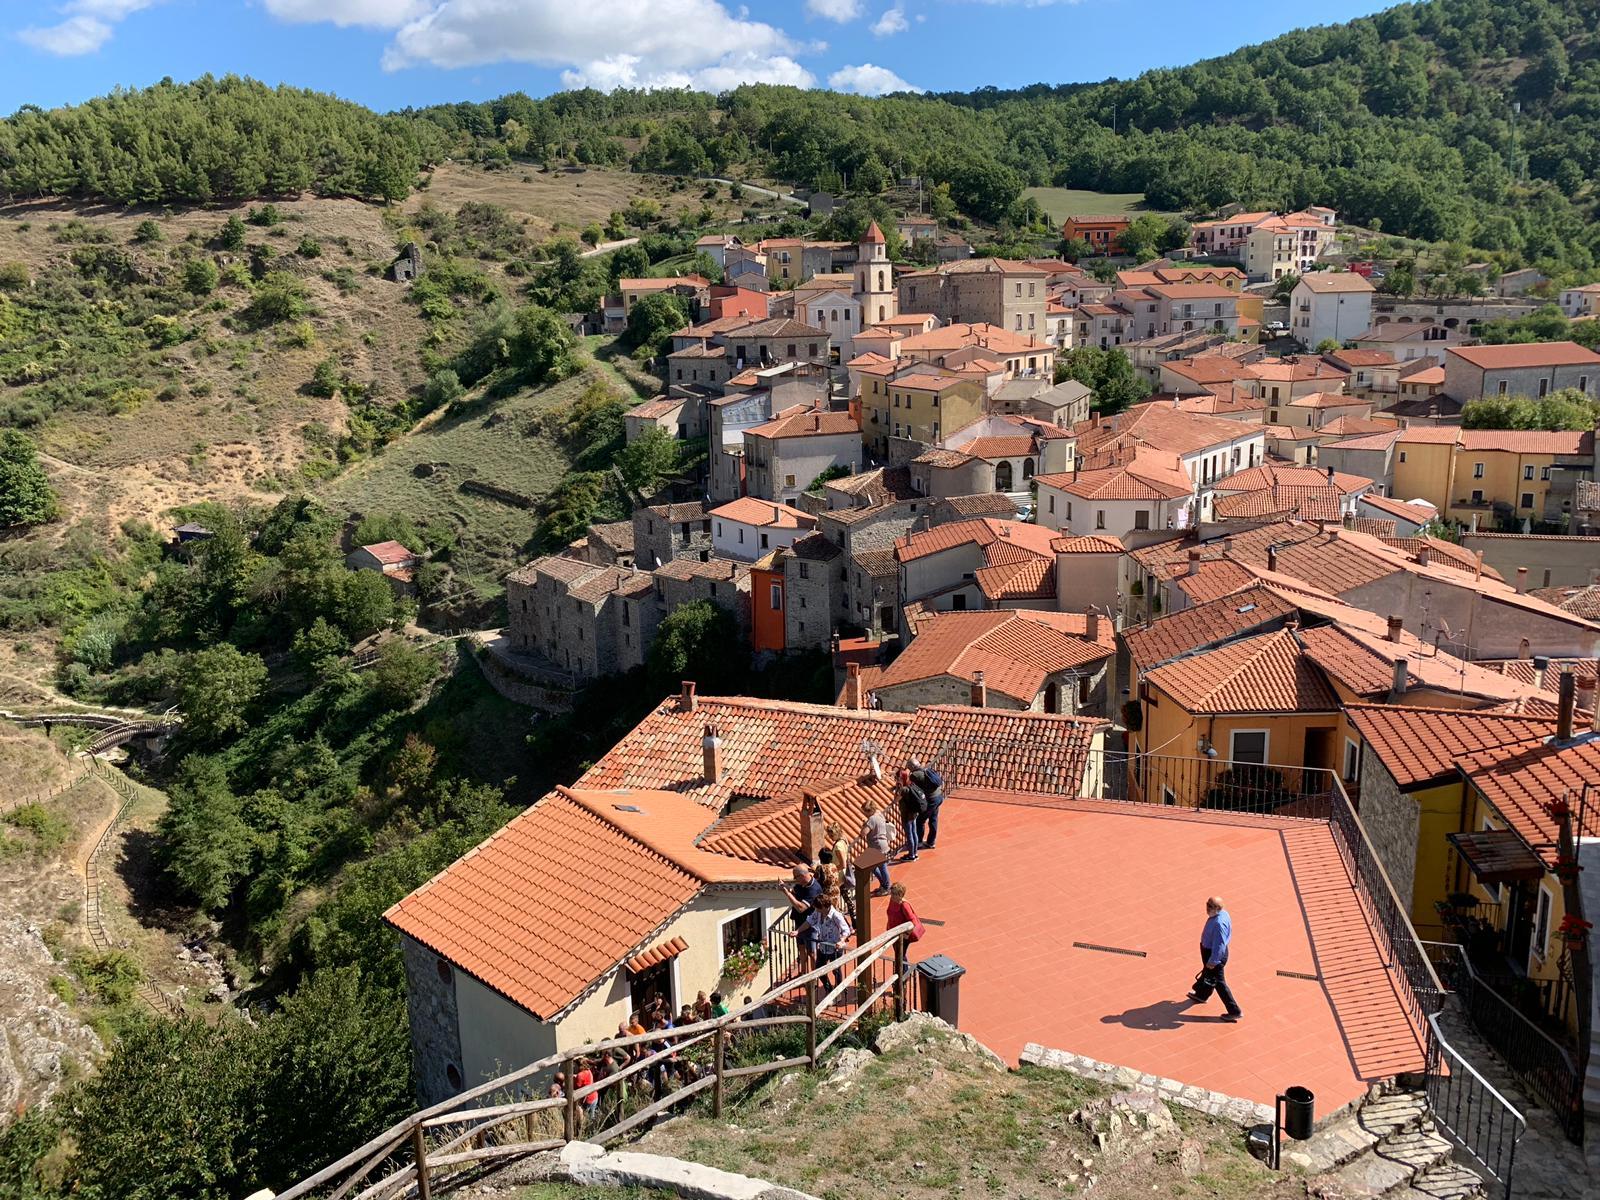 Basilicata on the road